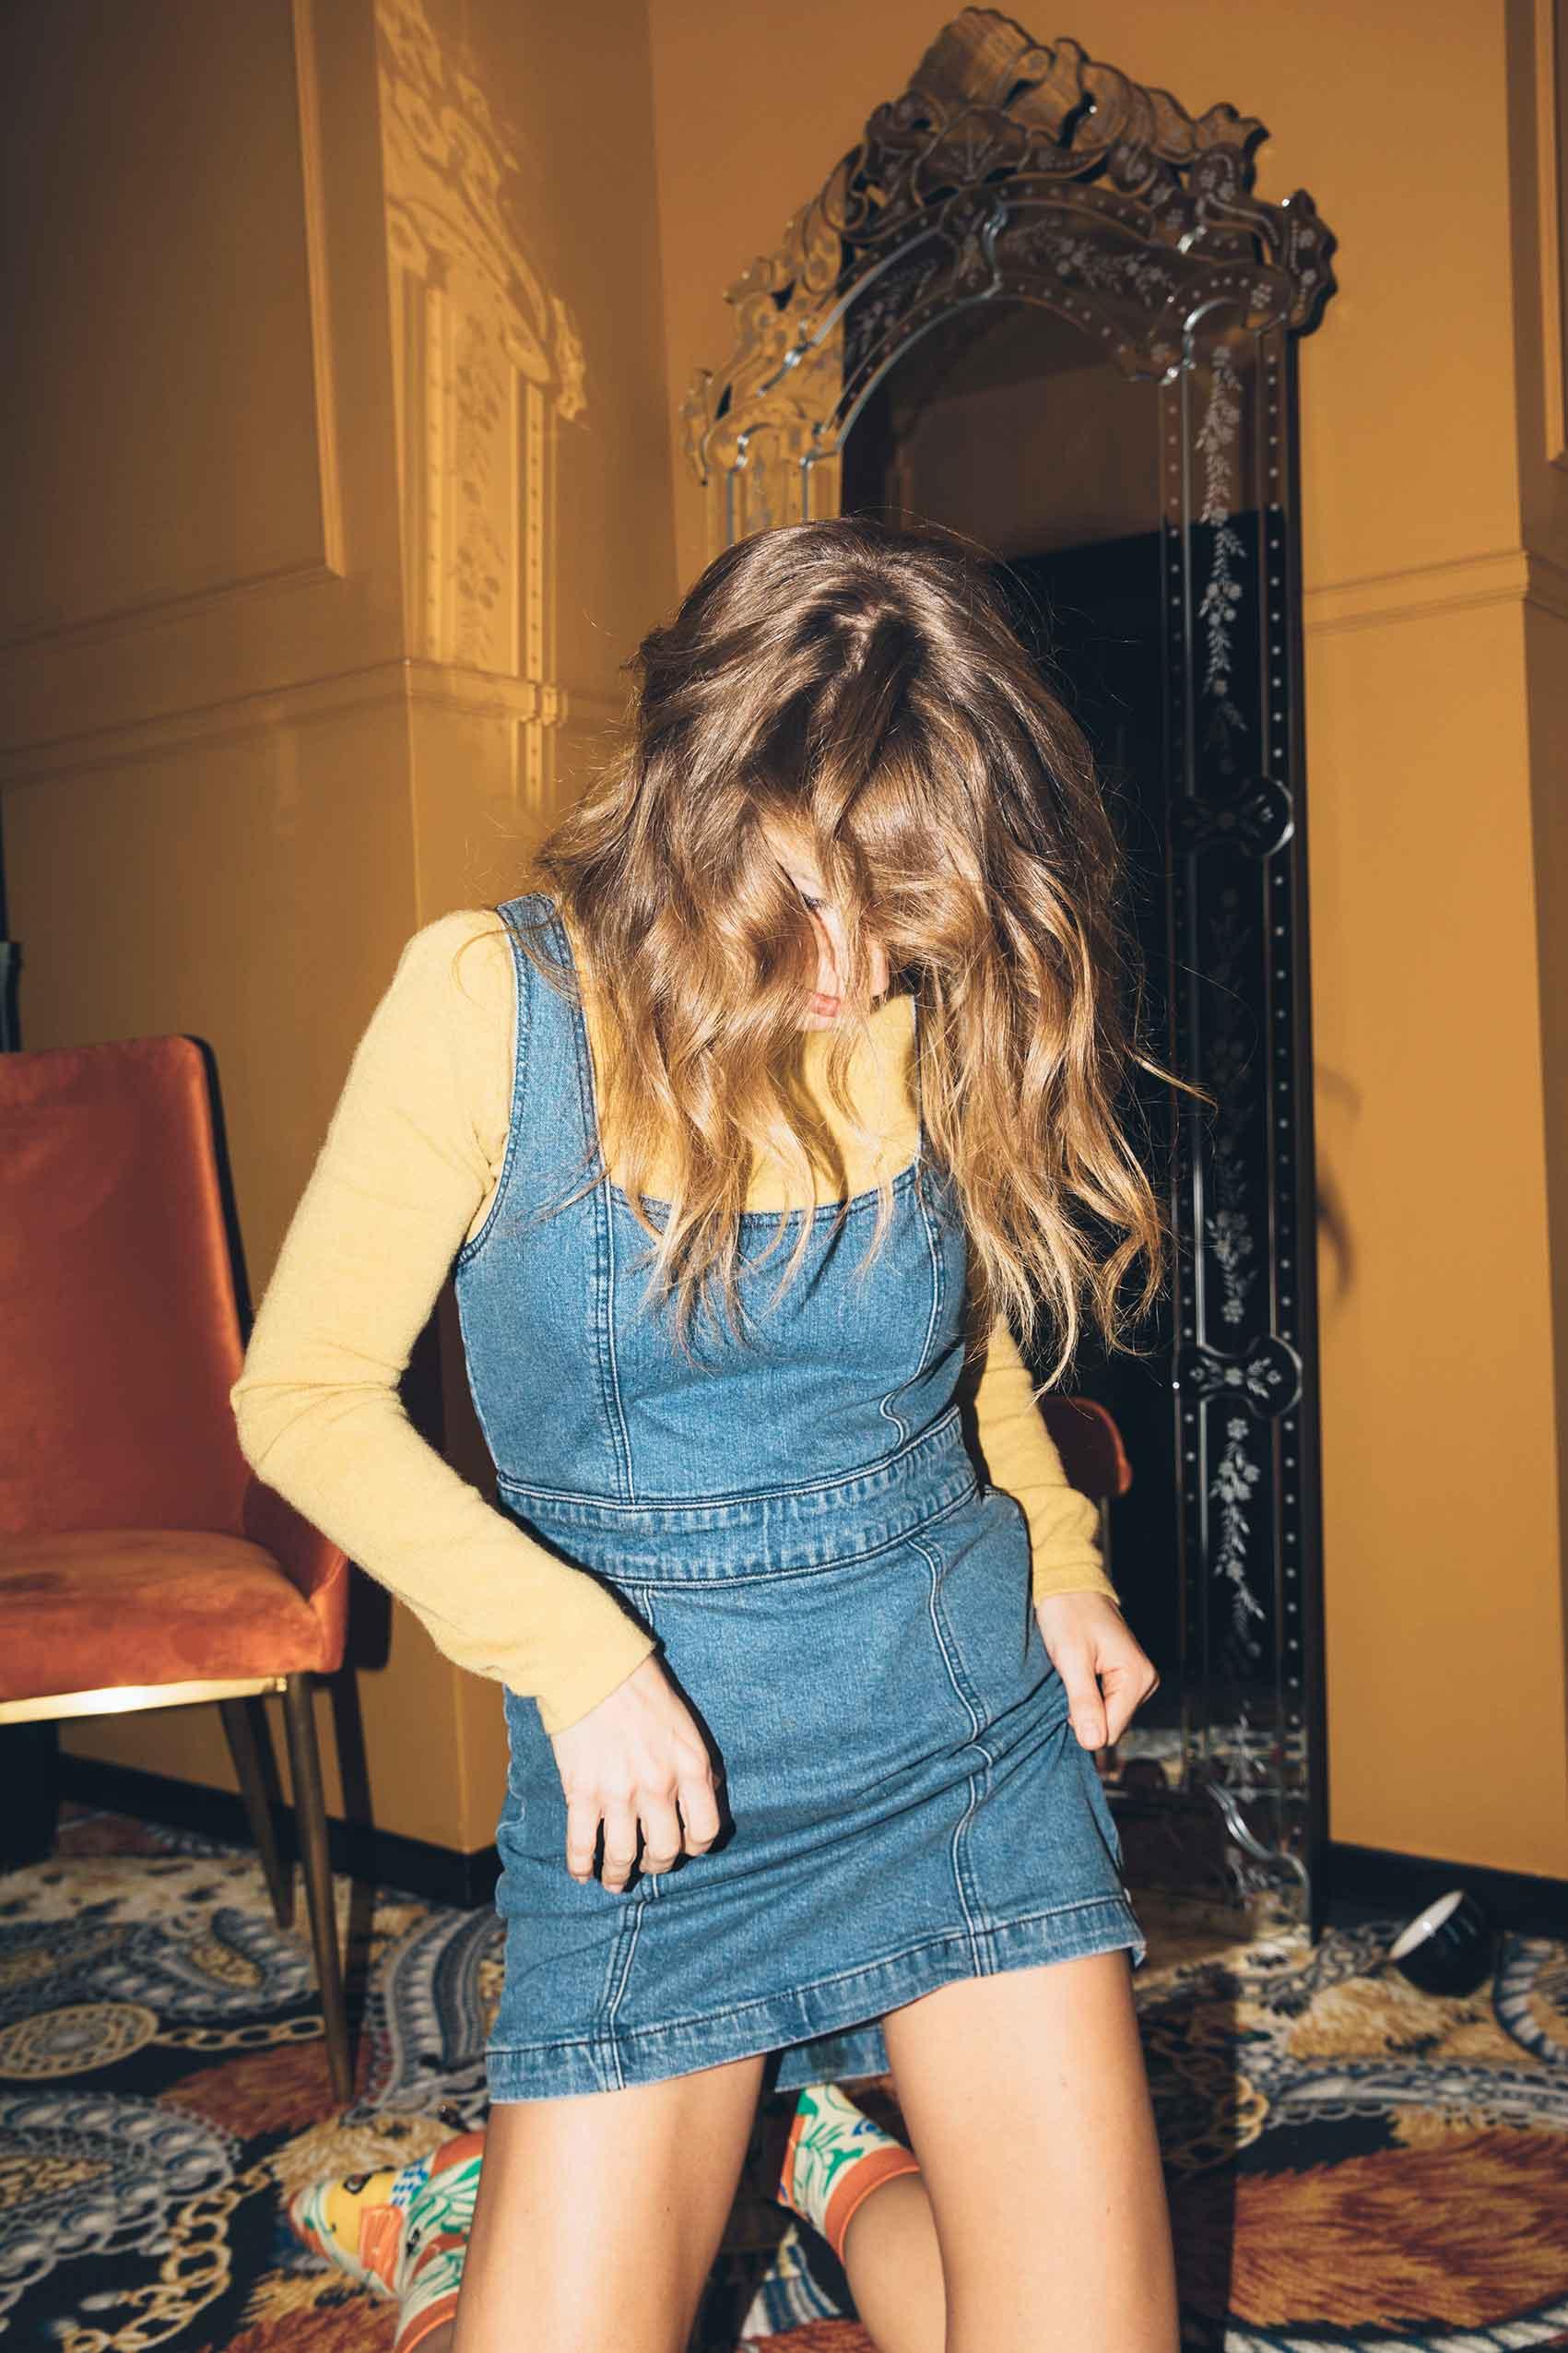 רונה-נאמן-גולף צהוב: ברנדה, שמלה: urban outfitters, גרביים: collectoe socks-tupbv-אופנה